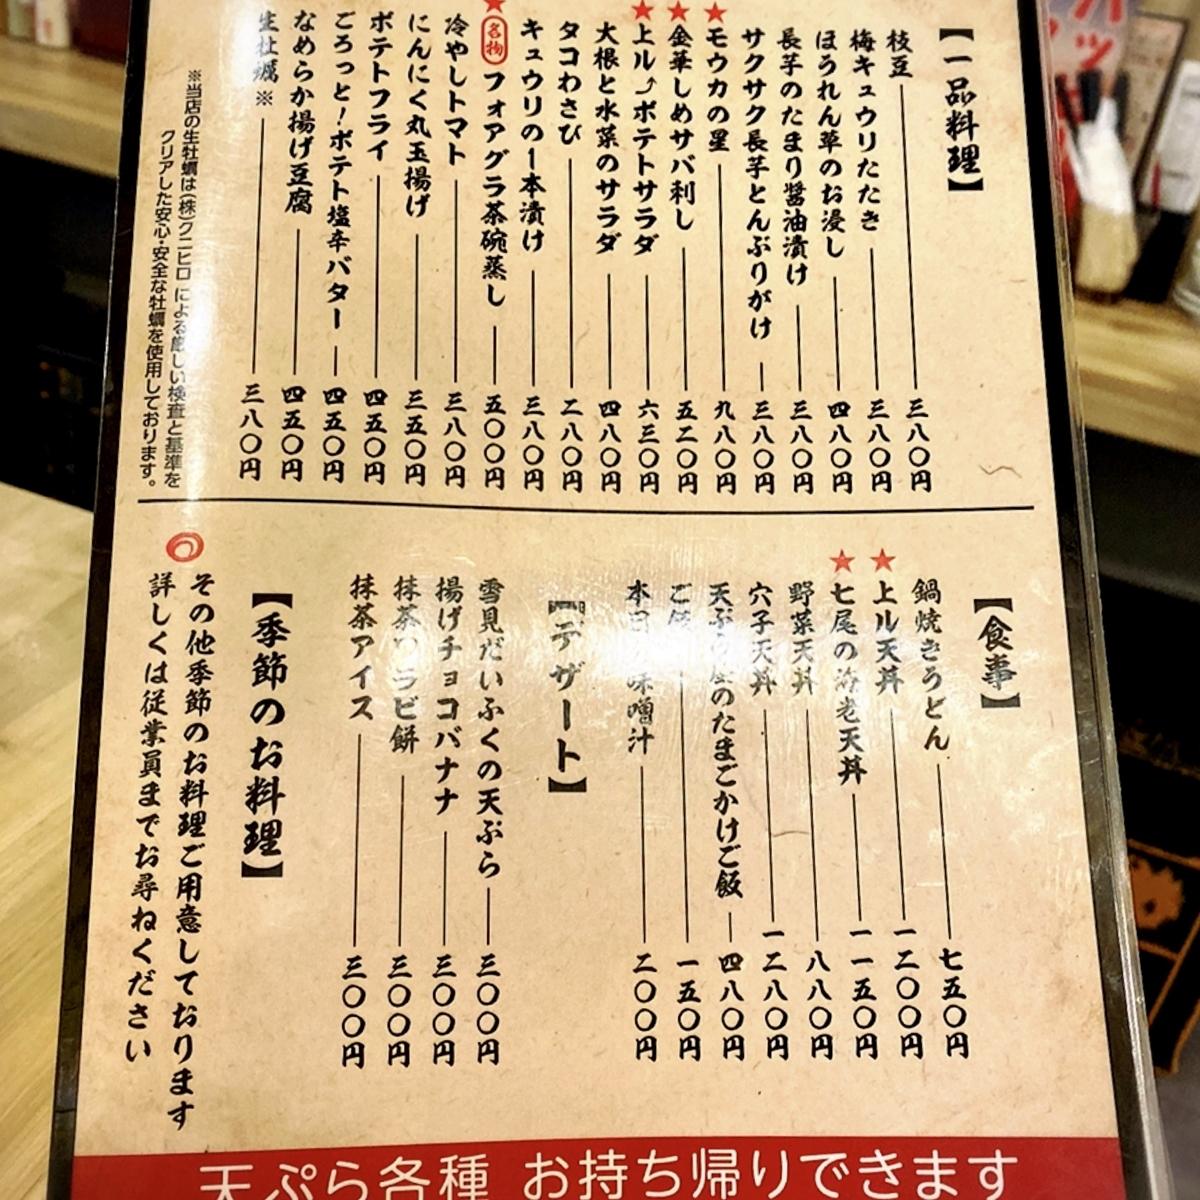 「上ル商店 荻窪店」のメニューと値段2